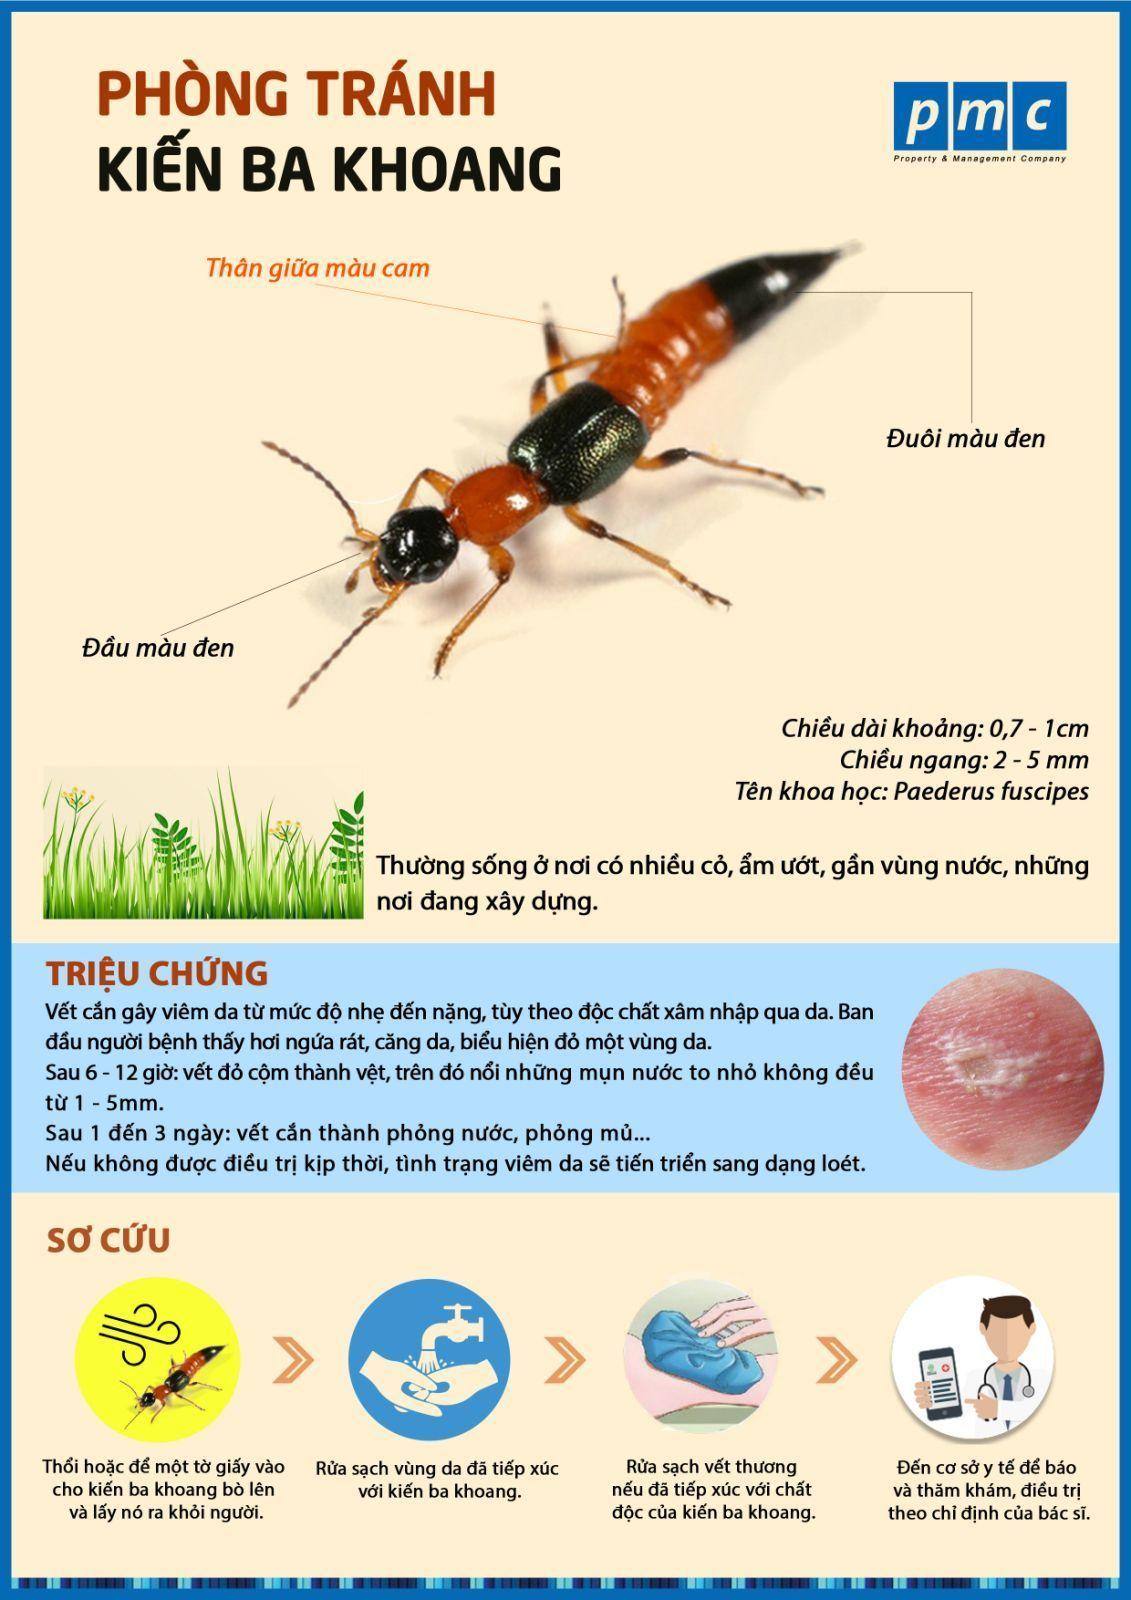 kiến ba khoang có nguy hiểm không